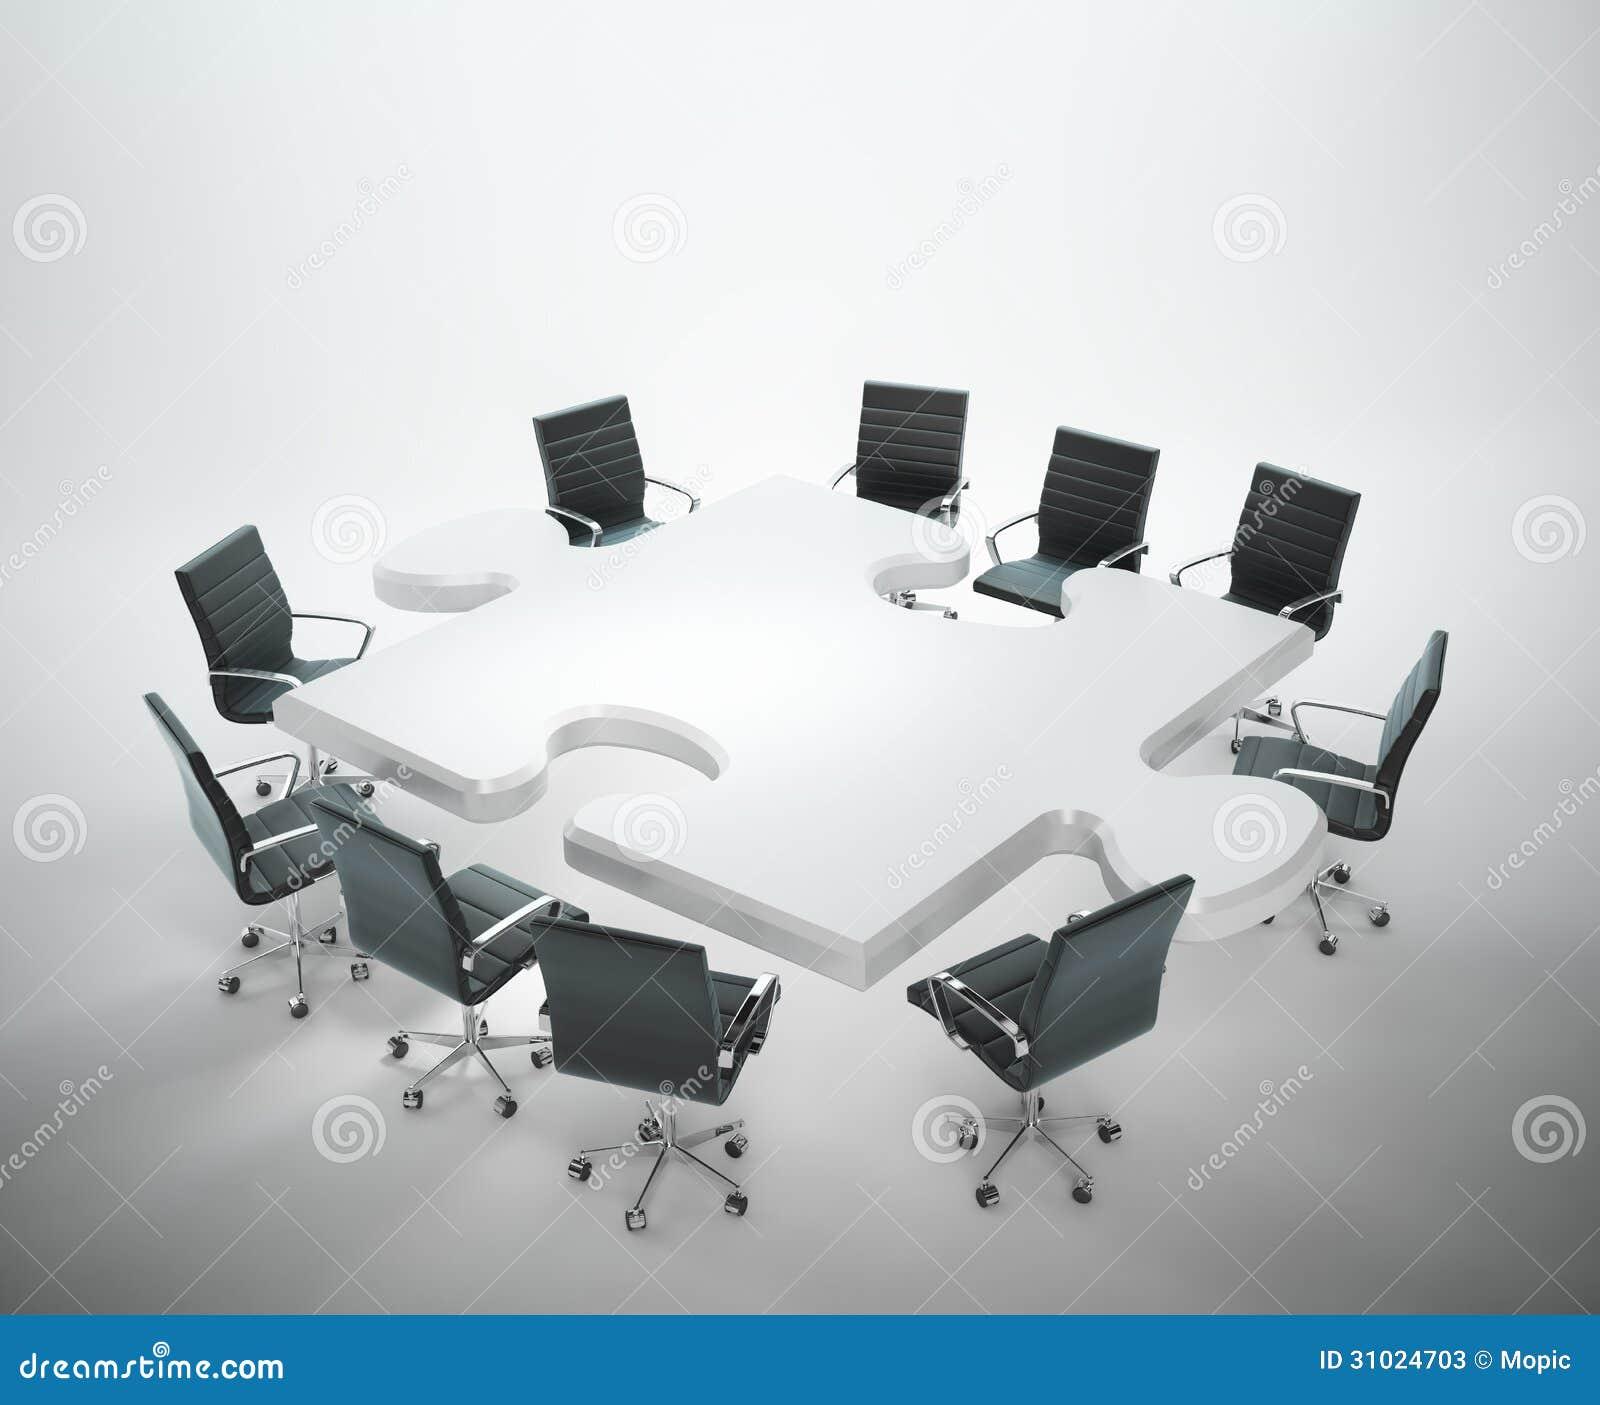 Meeting Room Display Free